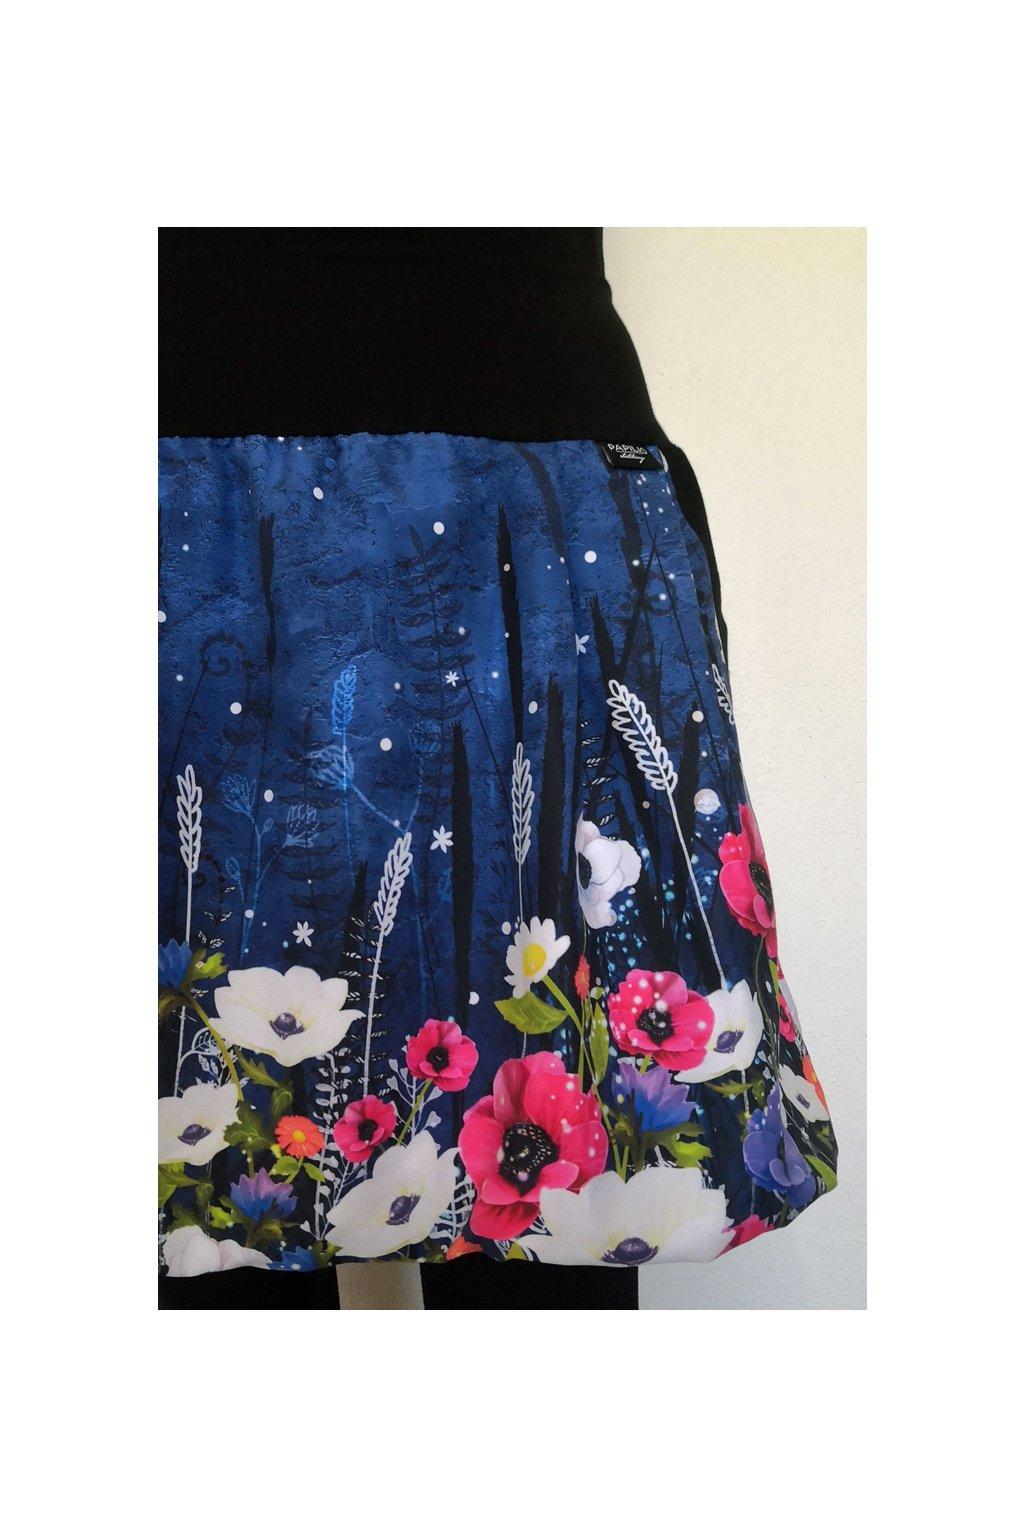 Balonová sukně Květiny na modré   micropeach